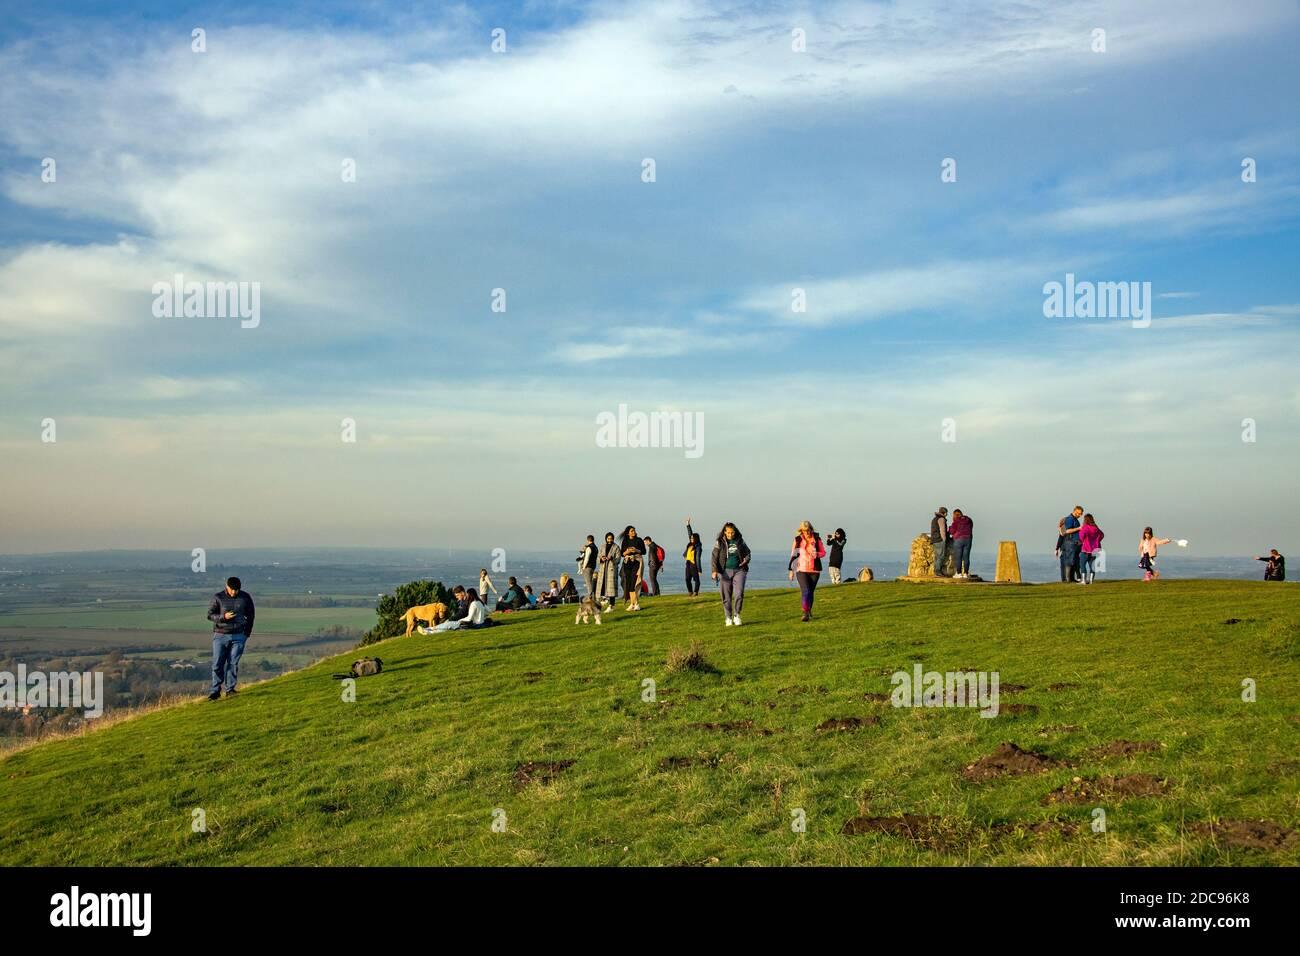 Les visiteurs apprécient la lumière de la fin de l'après-midi et la vue sur Ivanhoé Beacon Chiltern Collines Herrtfordshire Angleterre Banque D'Images